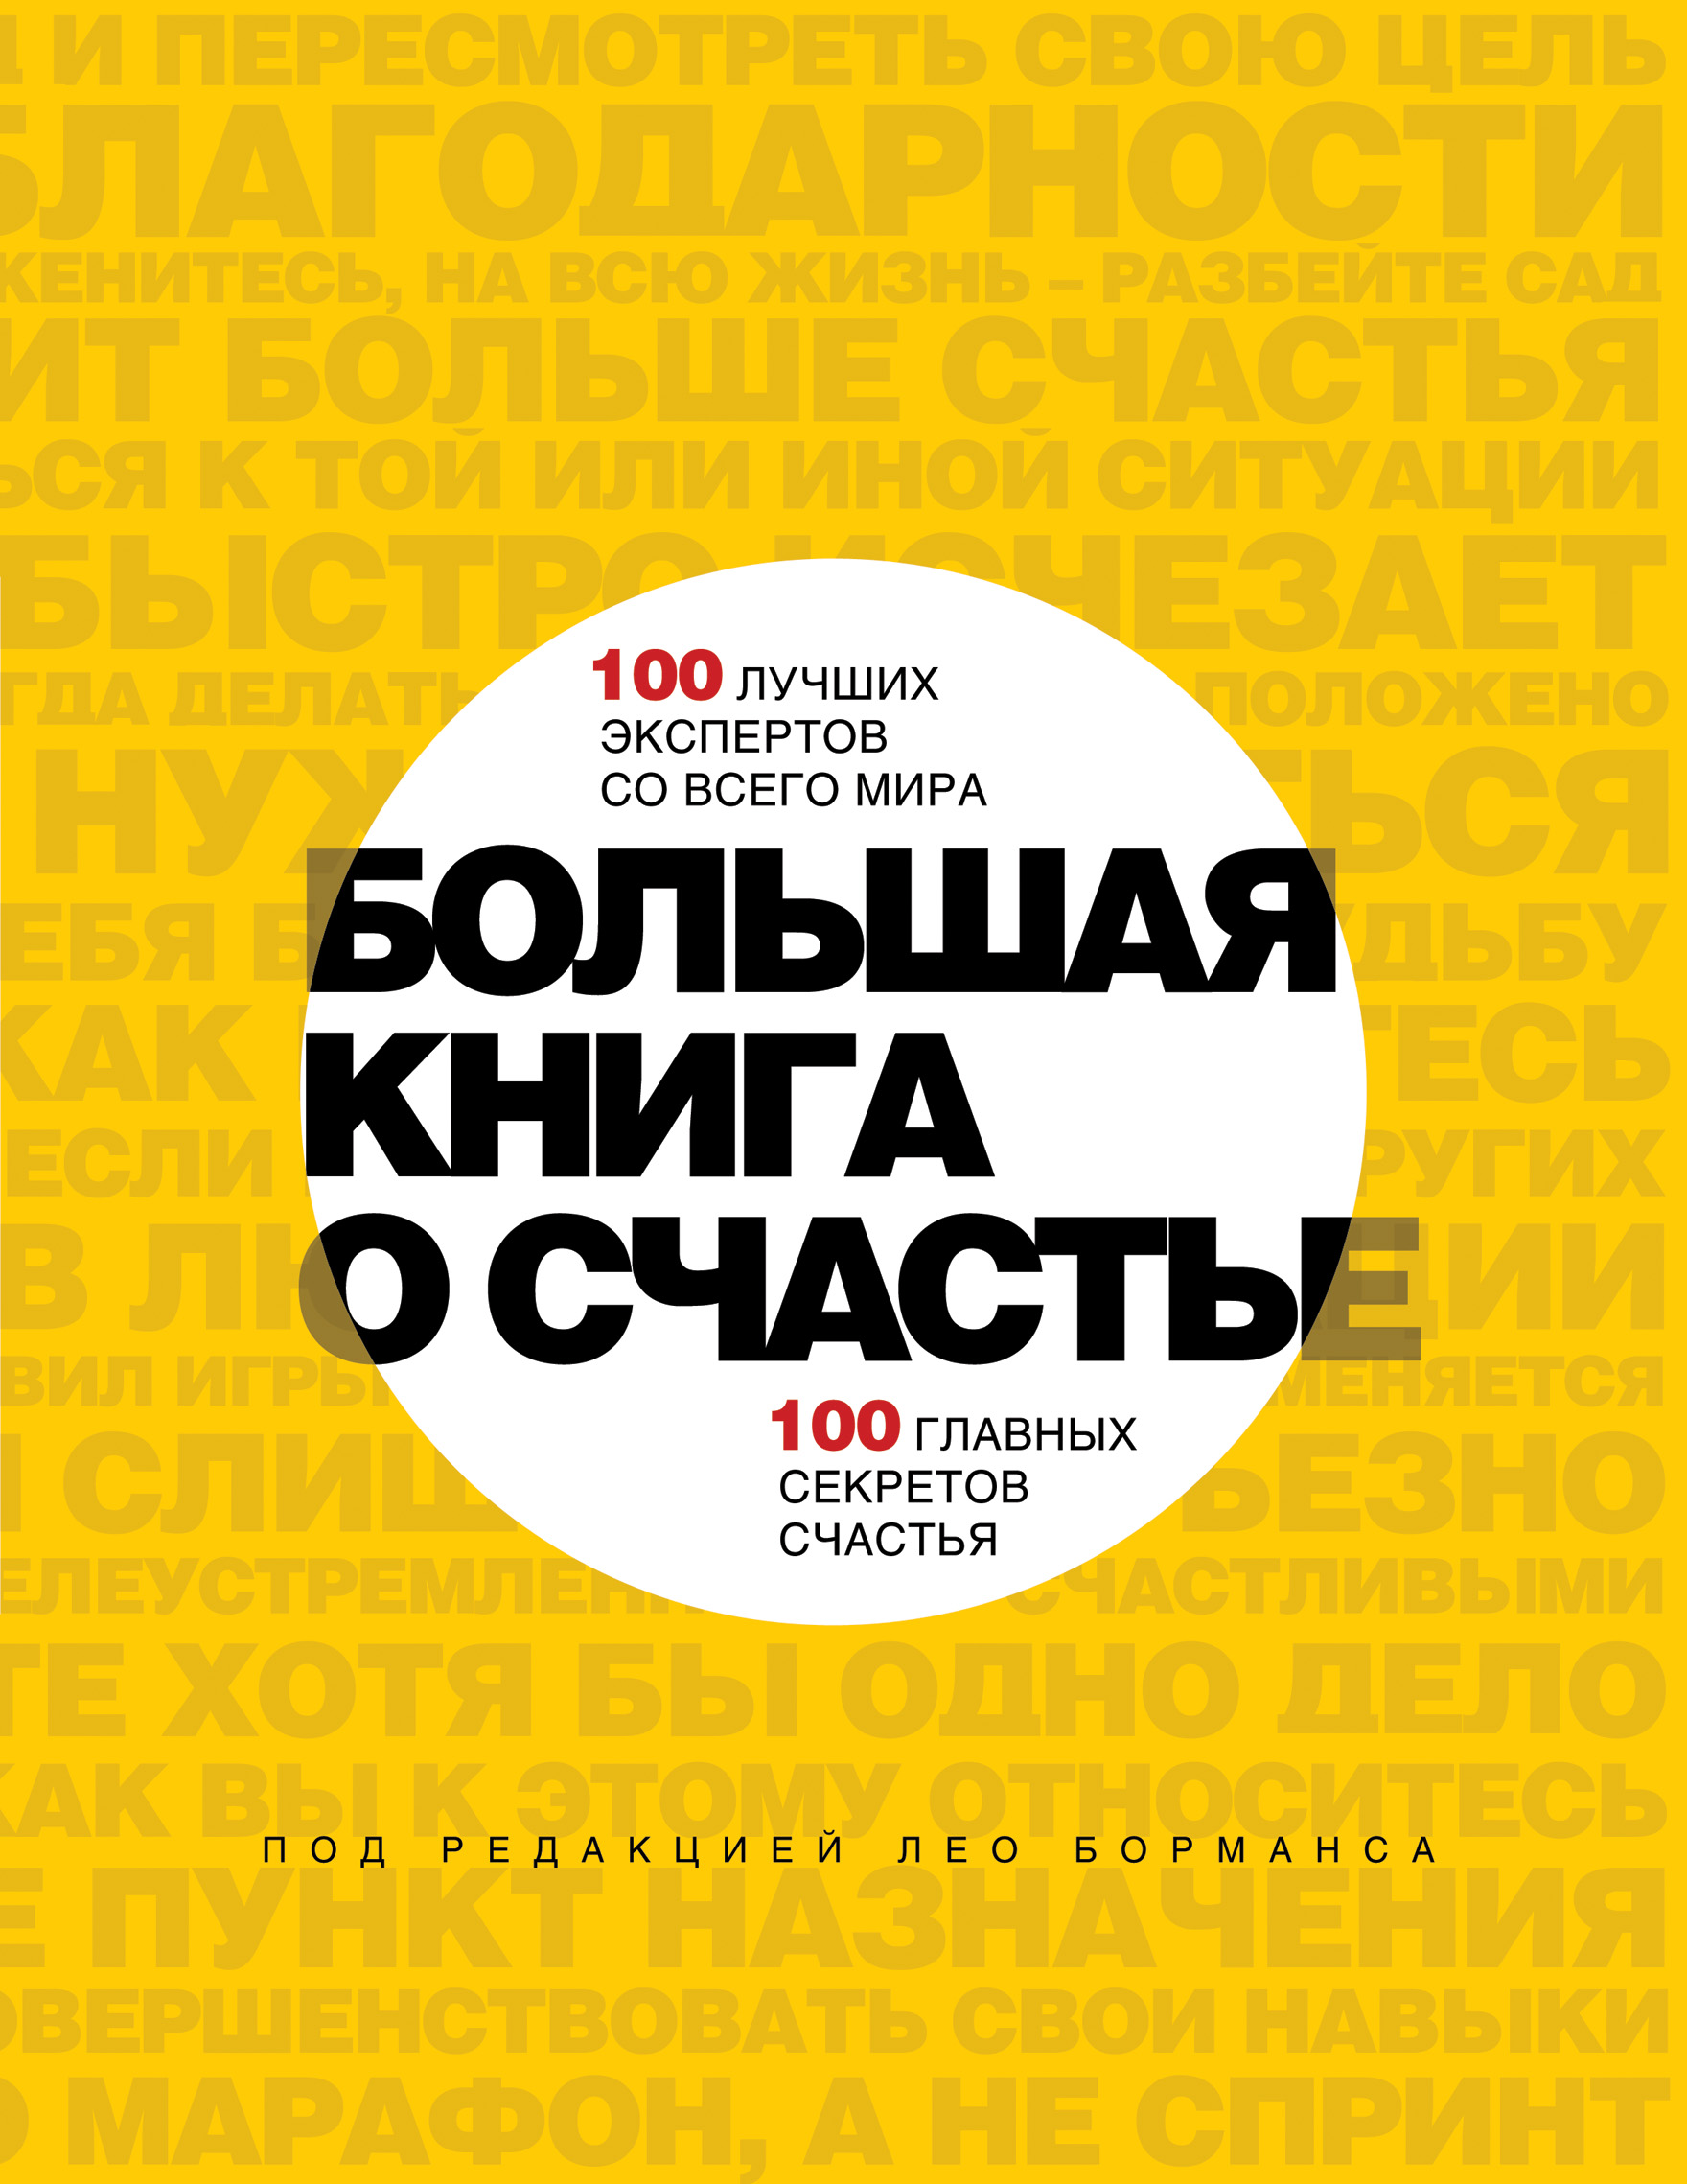 Борманс Лео Большая книга о счастье. 100 лучших экспертов со всего мира, 100 главных секретов счастья